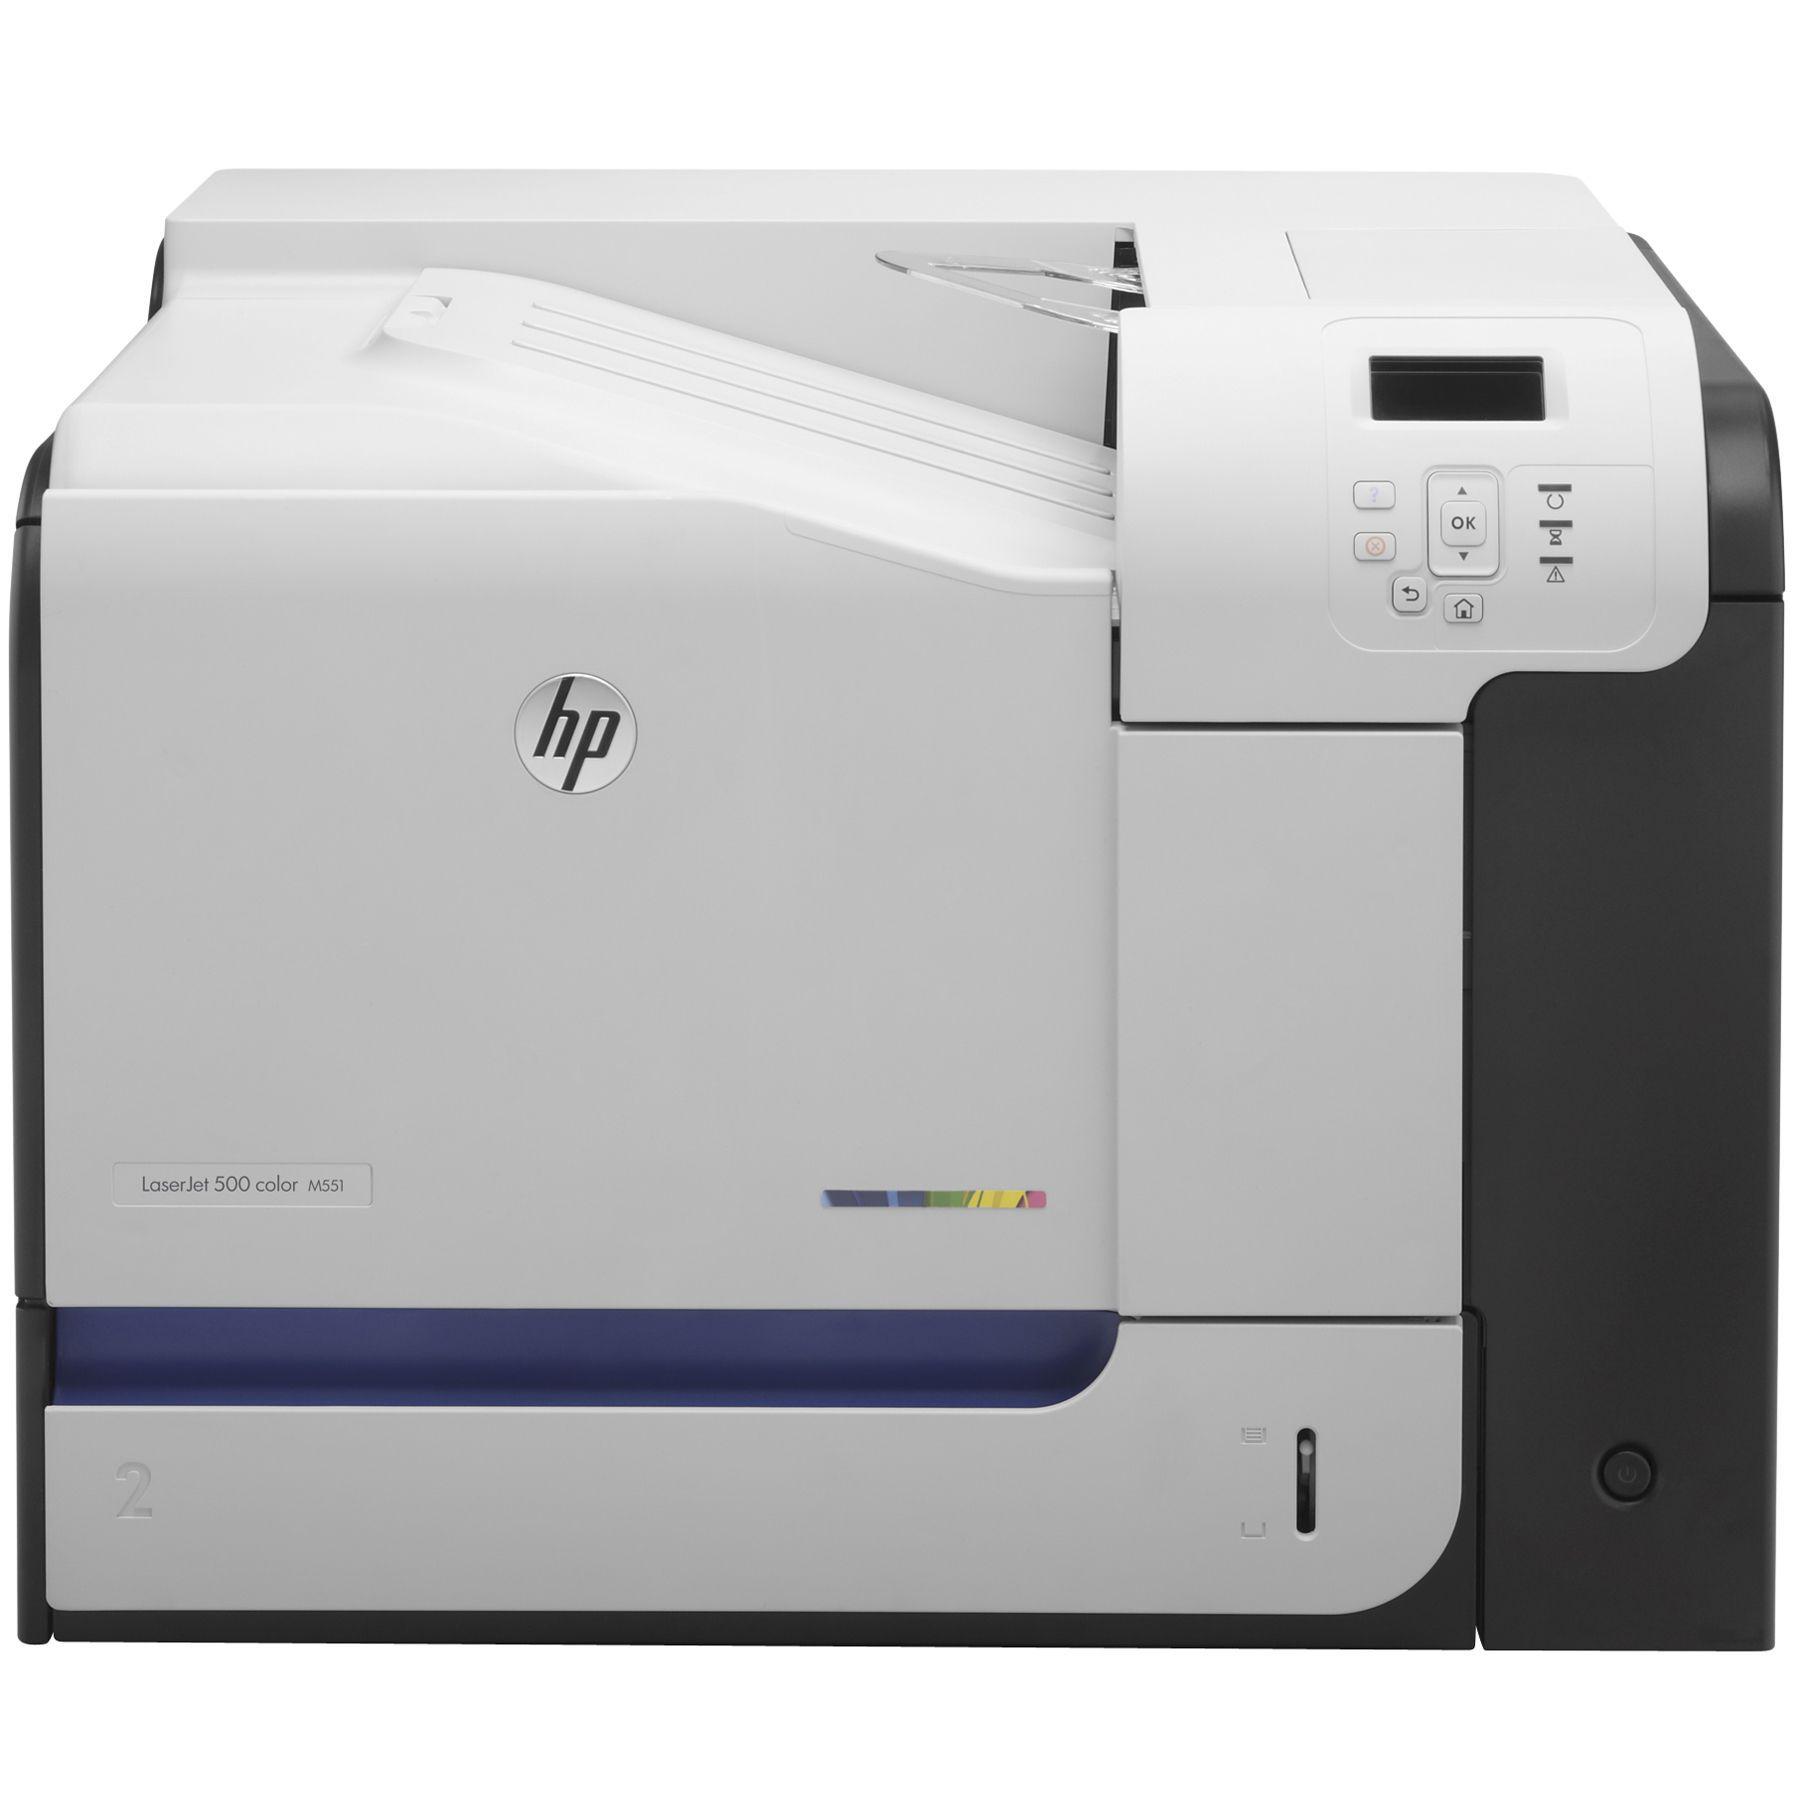 HP LaserJet Enterprise 500 color Printer M551dn (CF082A) színes nagy teljesítményű lézernyomtató bérlés, bérbeadás 1 napra